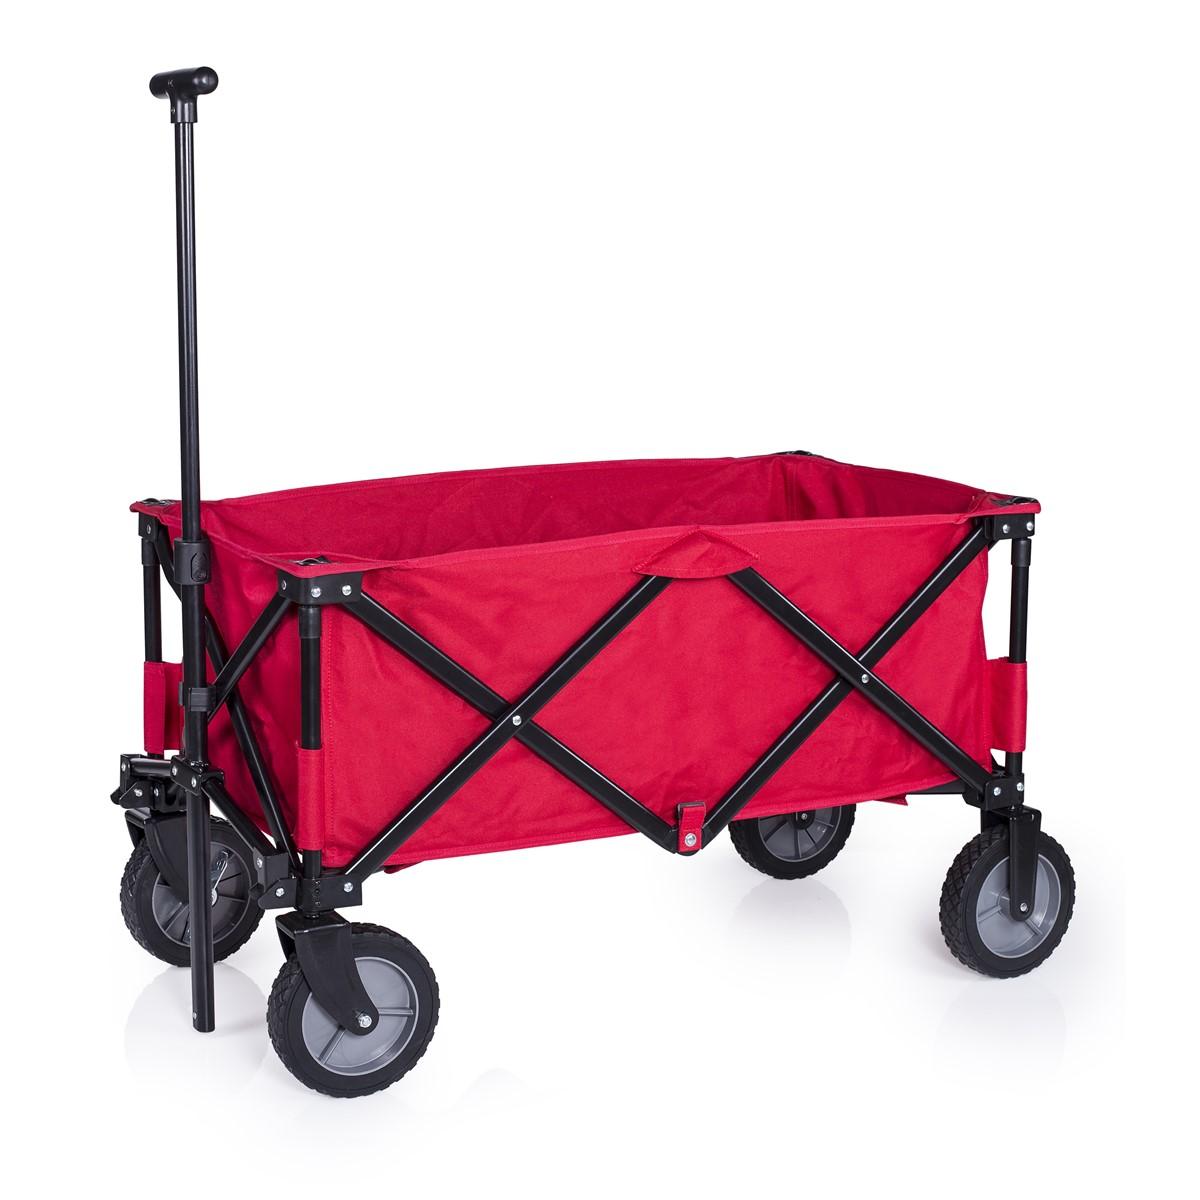 Picknickwagen Klappbar, mit Bremse, Rot